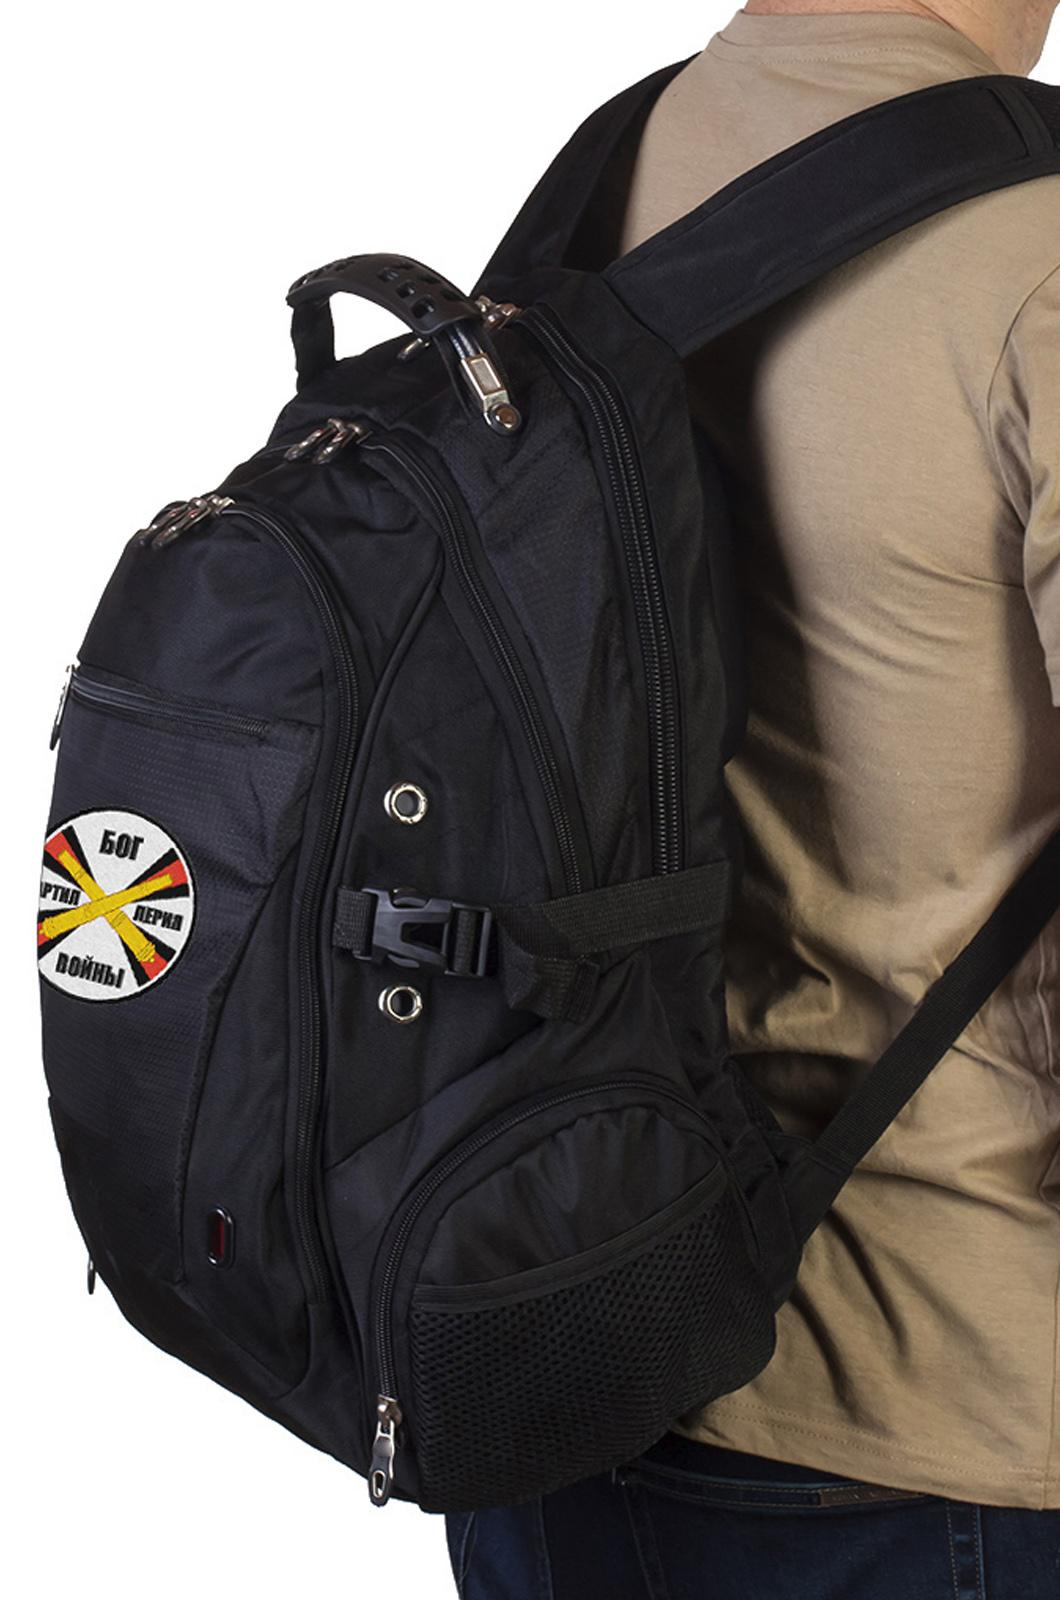 Тактические рюкзаки на подарки артиллеристам